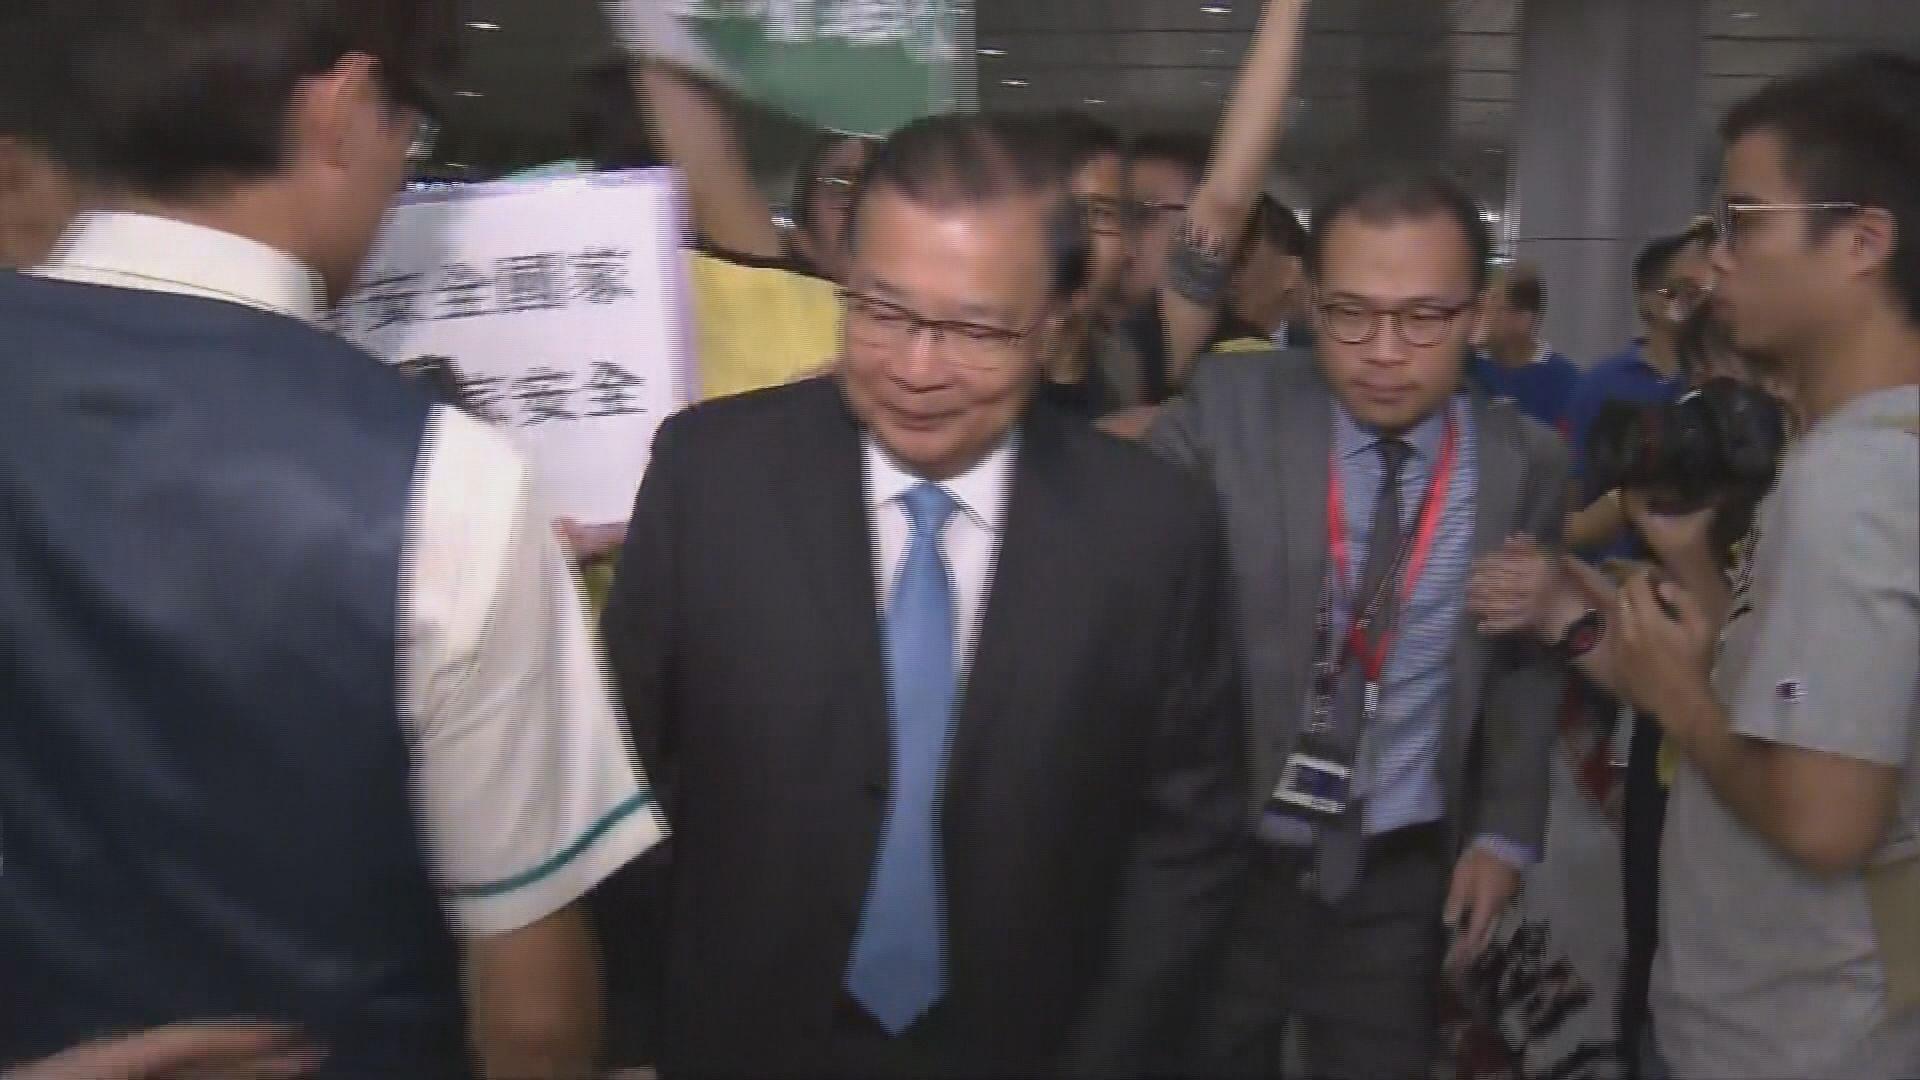 譚耀宗出席高鐵開通儀式時被示威者包圍